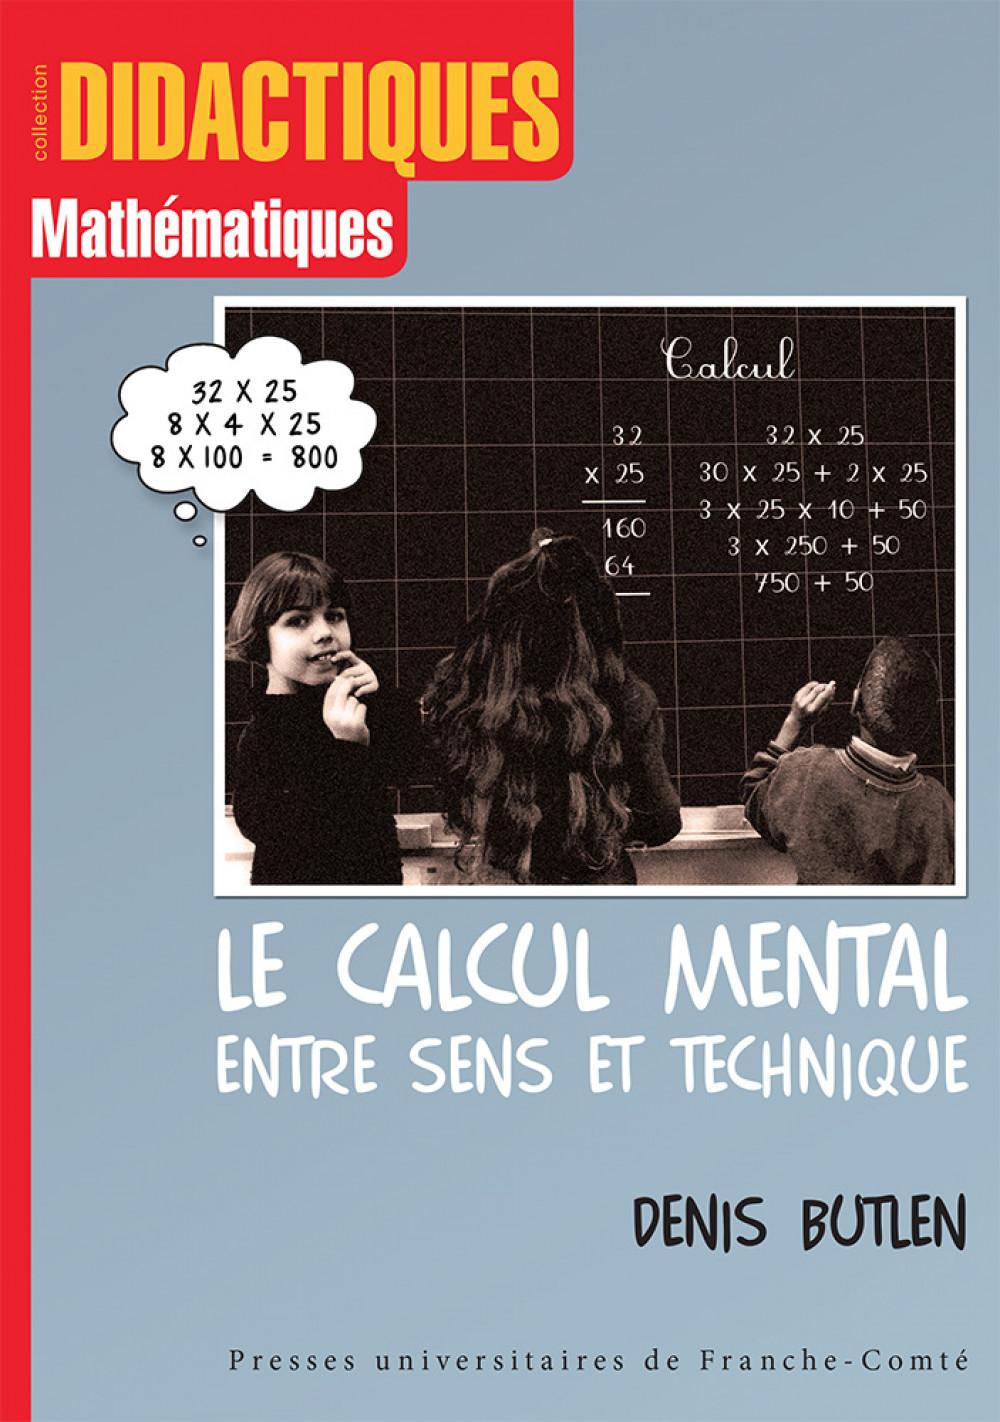 Le calcul mental, entre sens et technique